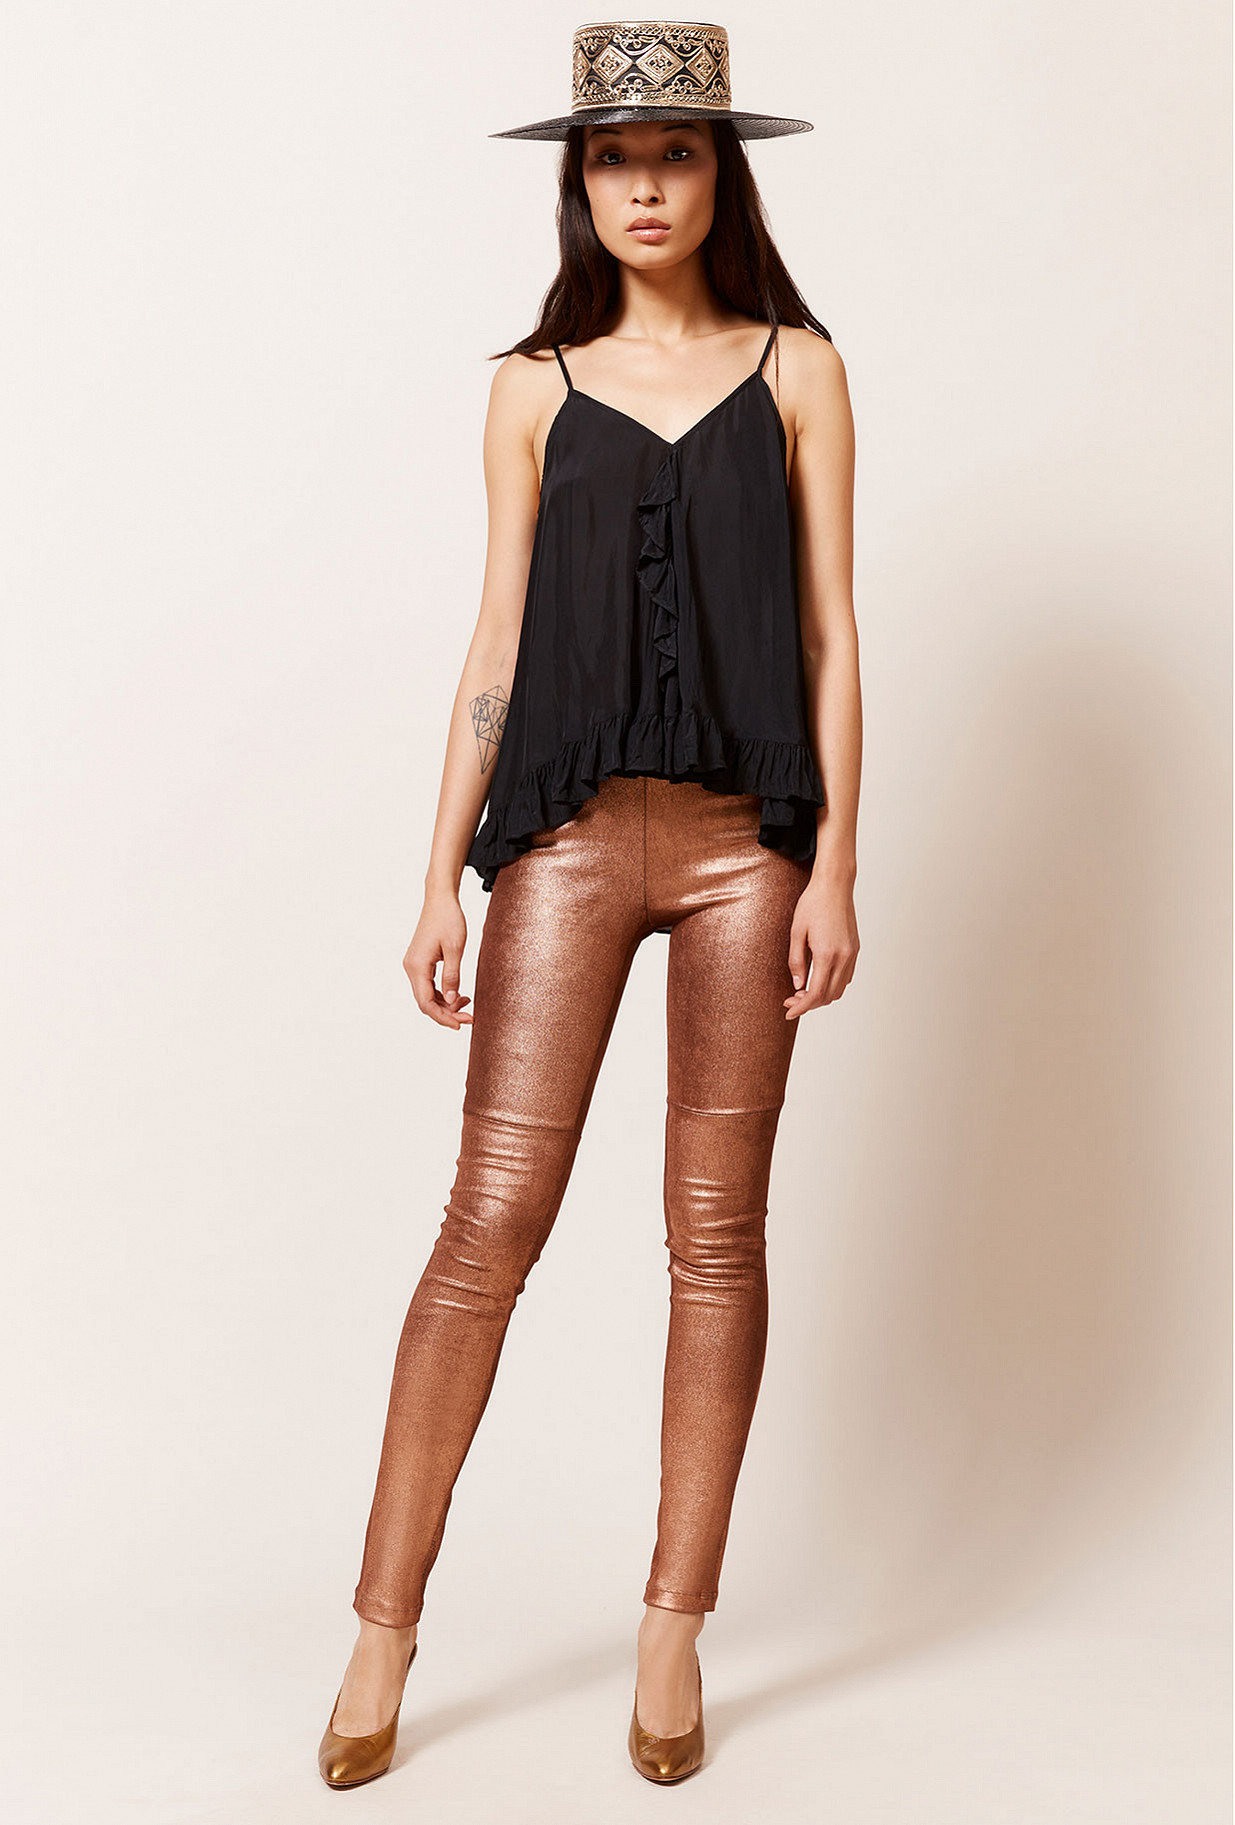 Paris boutique de mode vêtement Top créateur bohème  Habou